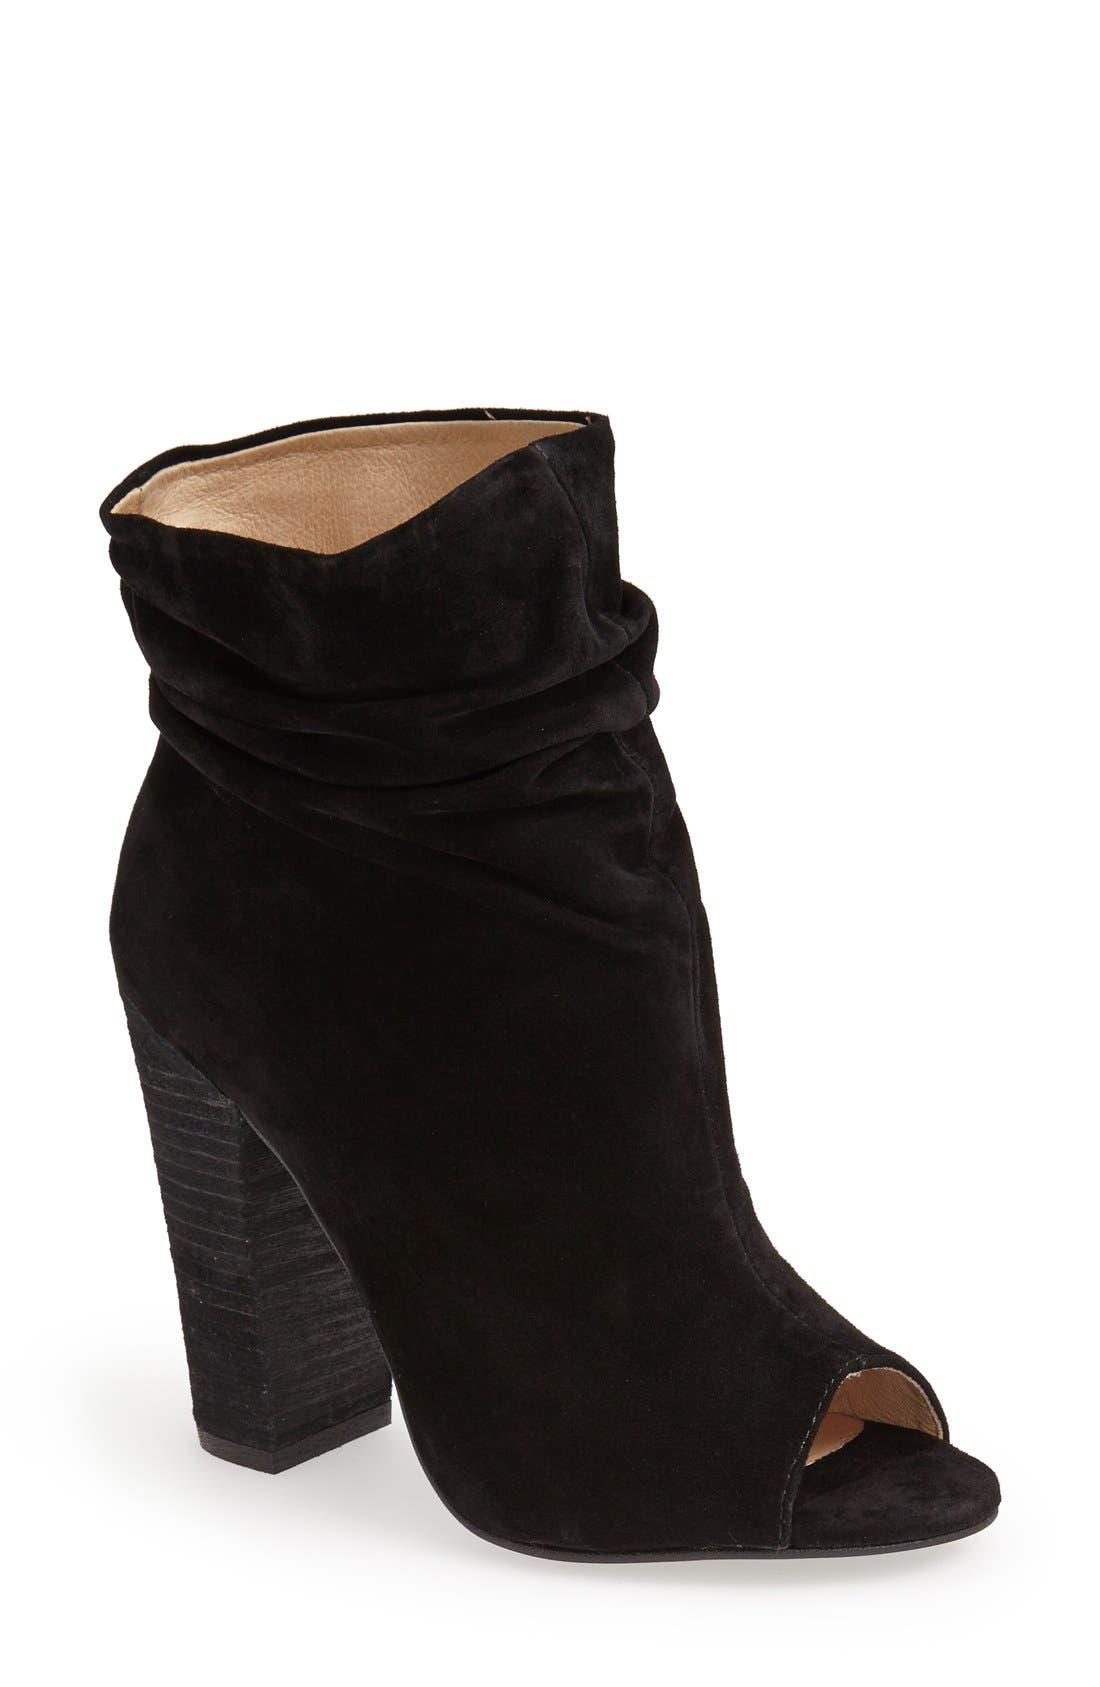 Main Image - Kristin Cavallari 'Laurel' Peep Toe Bootie (Women)